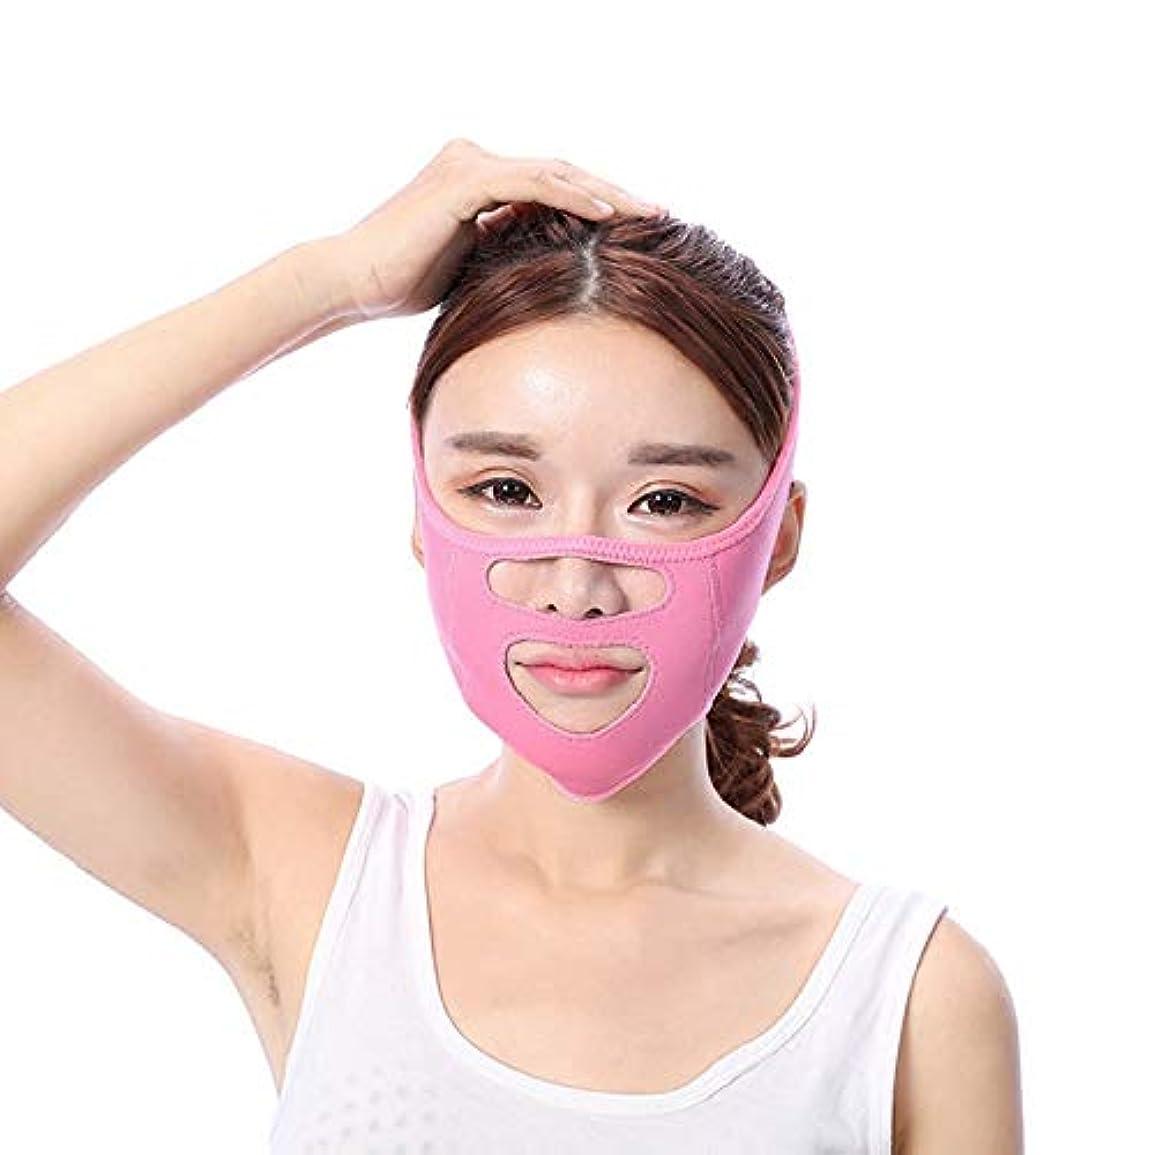 もっと少なく飛行機寓話Minmin 顔の持ち上がる痩身ベルト - あなたの顔のための素晴らしいトレーニング二重あごのワークアウトフェイスマスクベルト薄い顔包帯整形マスクは顔と首を締めますフェイススリム みんみんVラインフェイスマスク